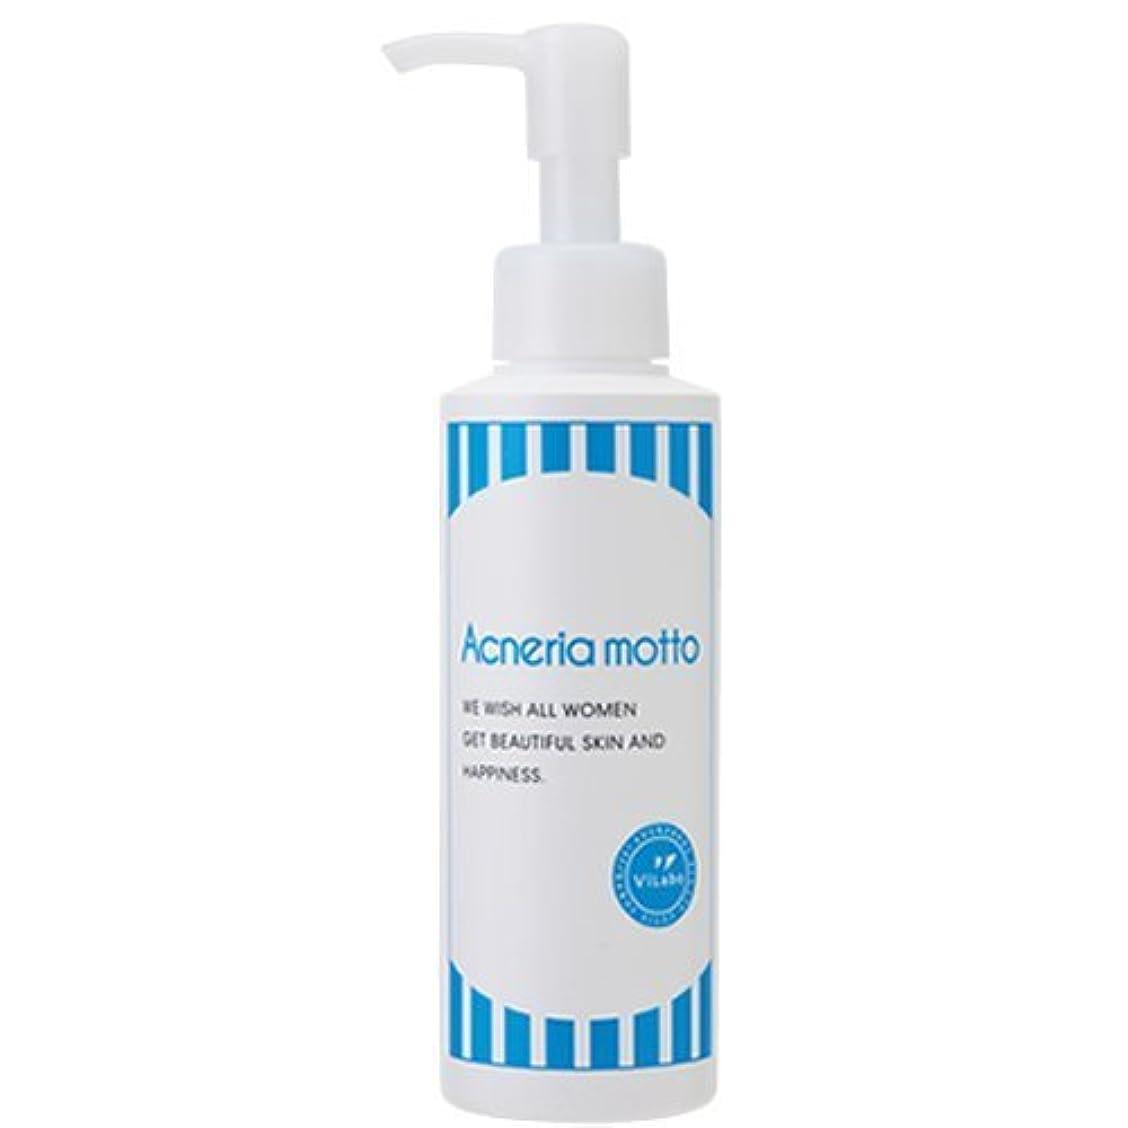 構成より良い覆す無添加 ニキビ 予防 アクネリア 洗顔 ? パック 150ml にきび?毛穴?ニキビ跡 敏感肌?子供のニキビにも